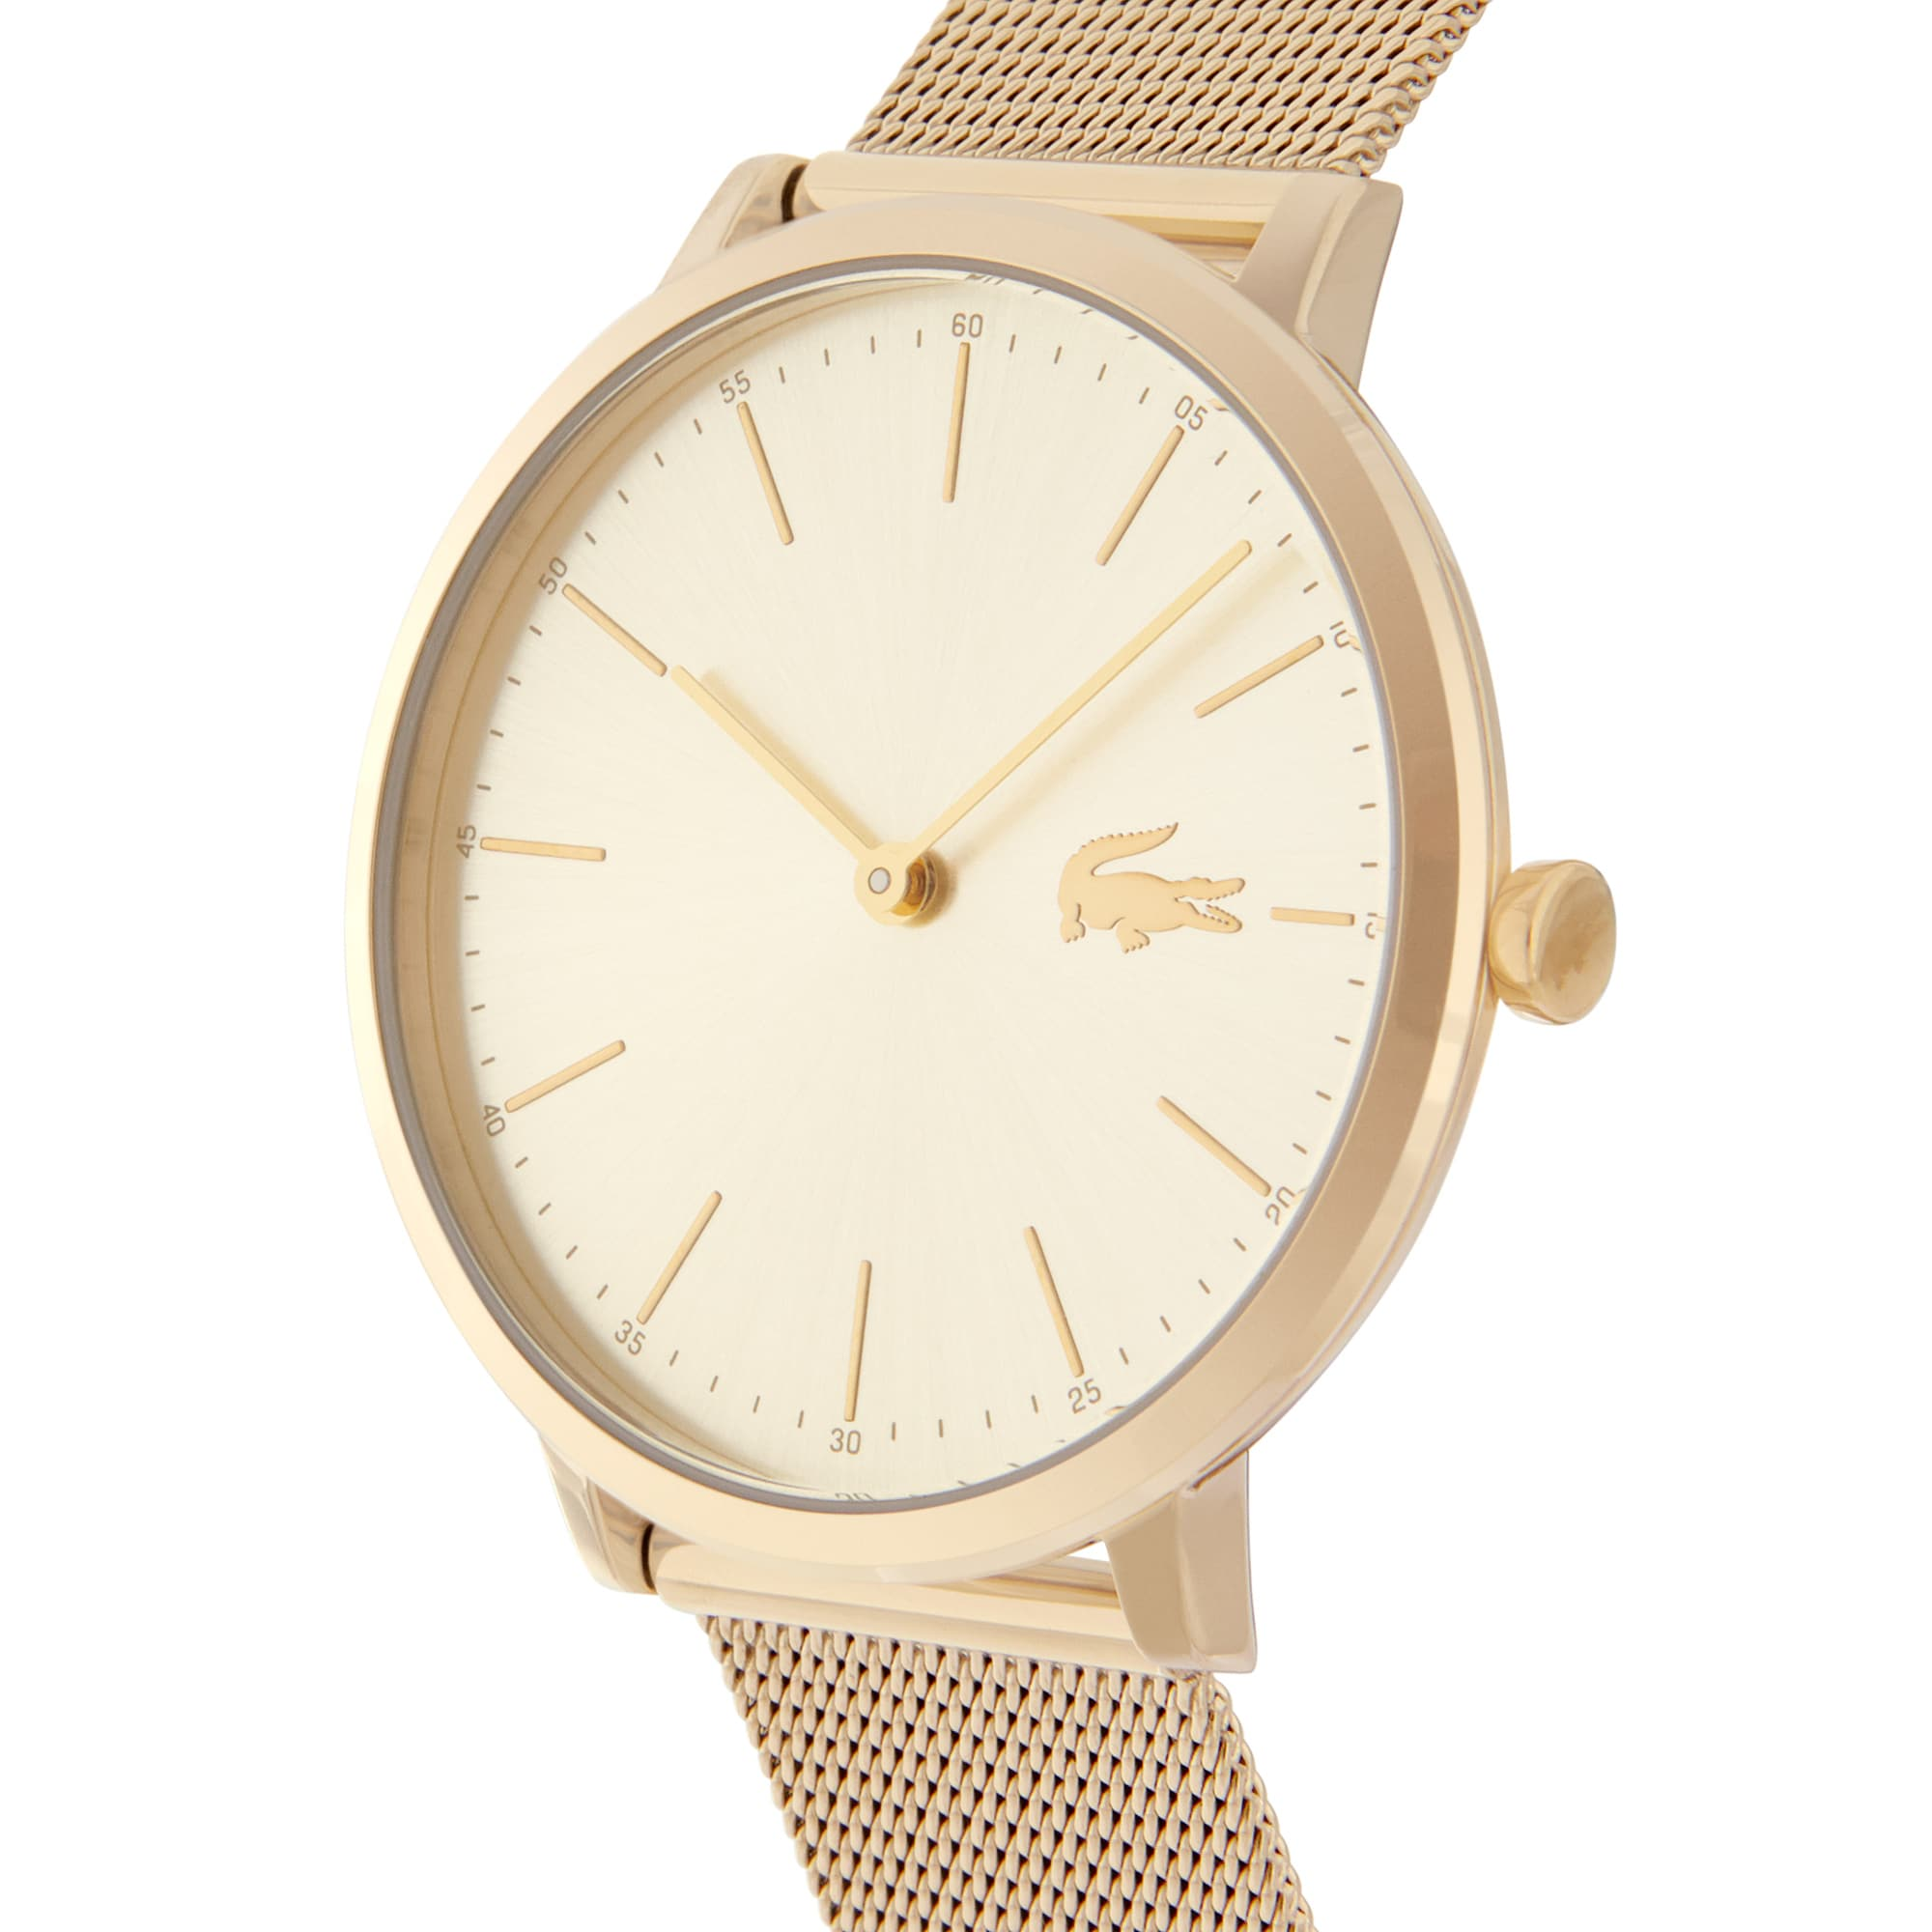 Relógio Moon Senhora com Bracelete em Mesh Ouro